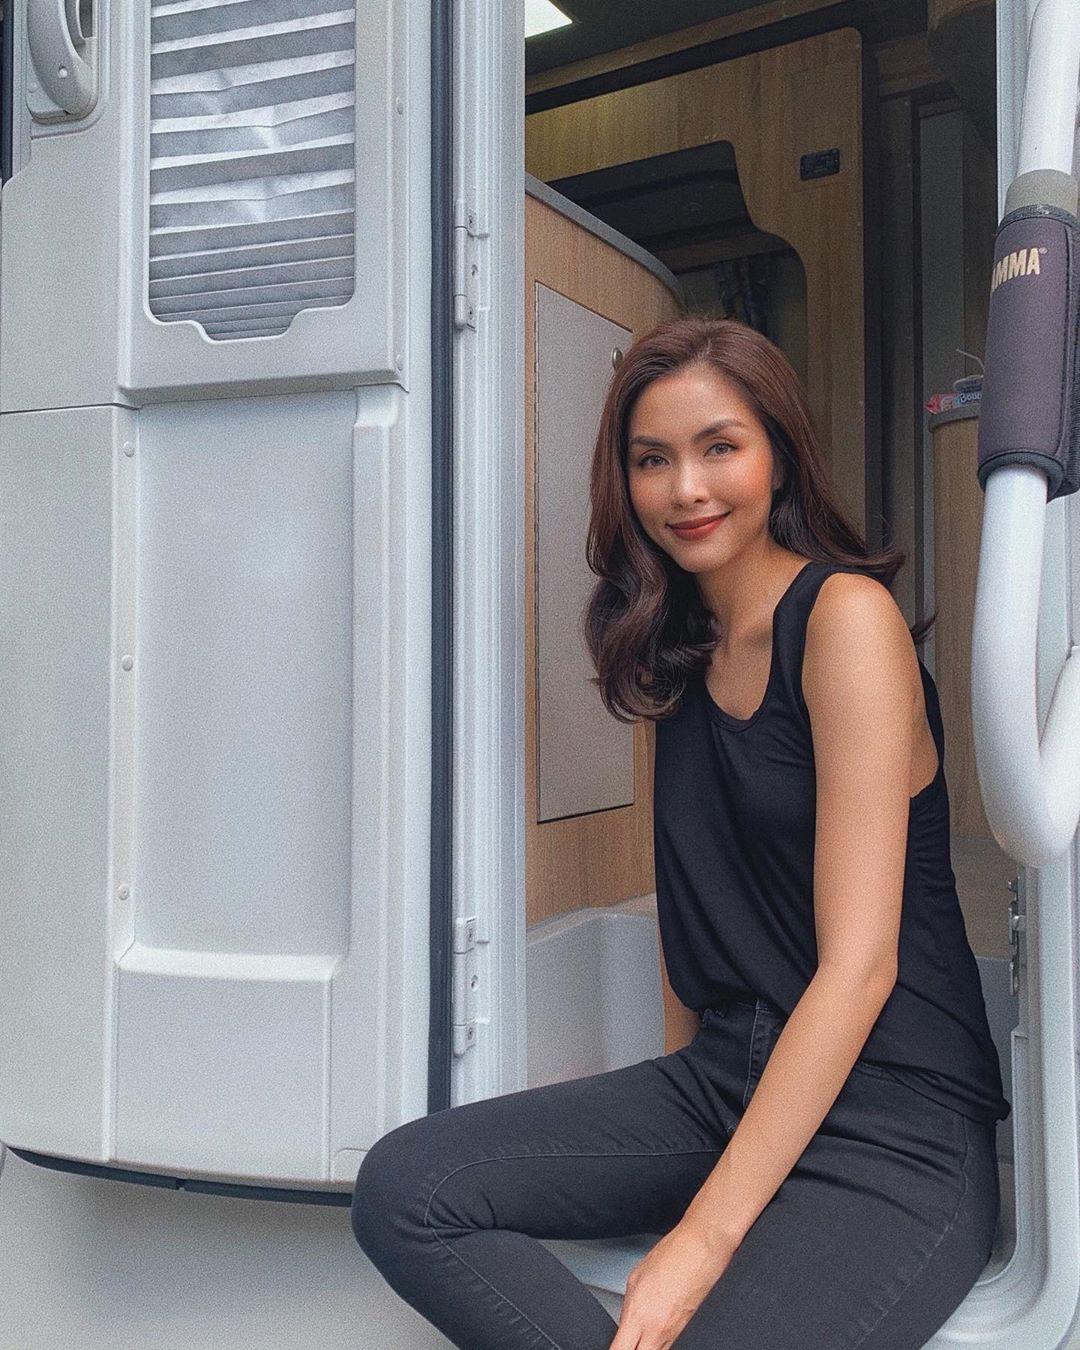 Chỉ bằng một món thời trang, Hà Tăng cho thấy điểm tuyệt phẩm bao người ao ước sở hữu - Ảnh 2.